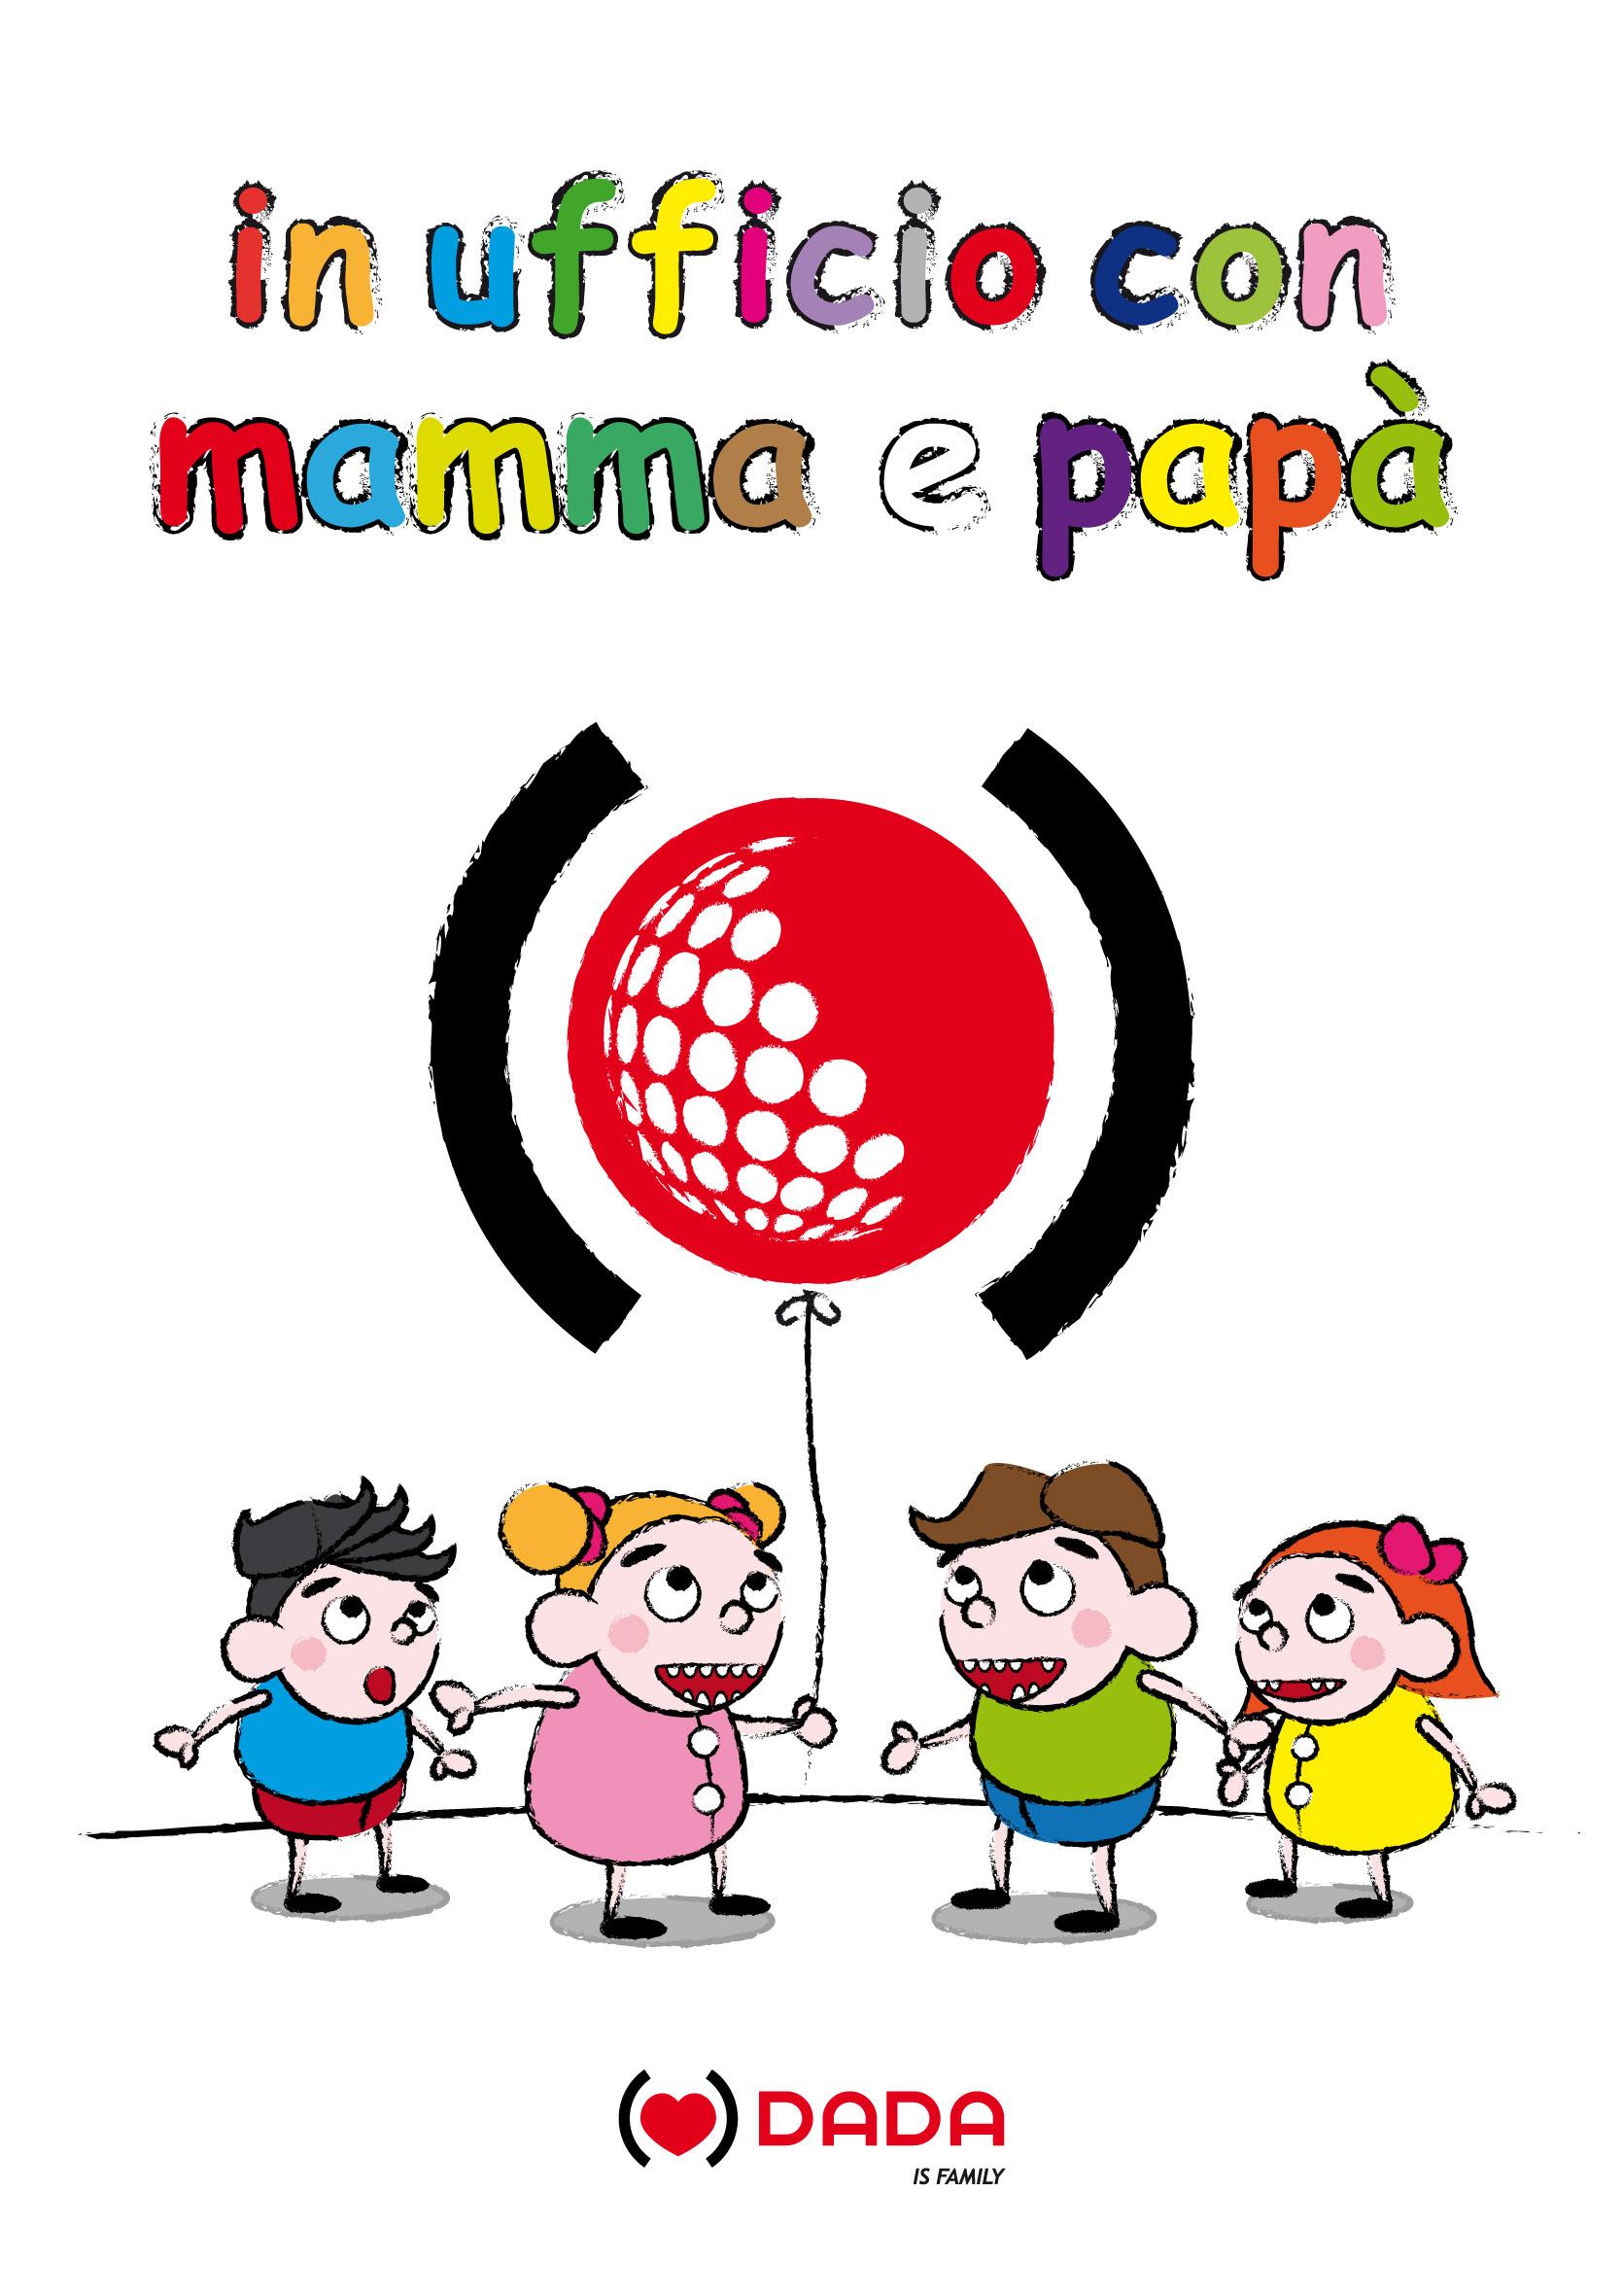 Gruppo Dada: festa Bimbi in Ufficio con Mamma e Papà